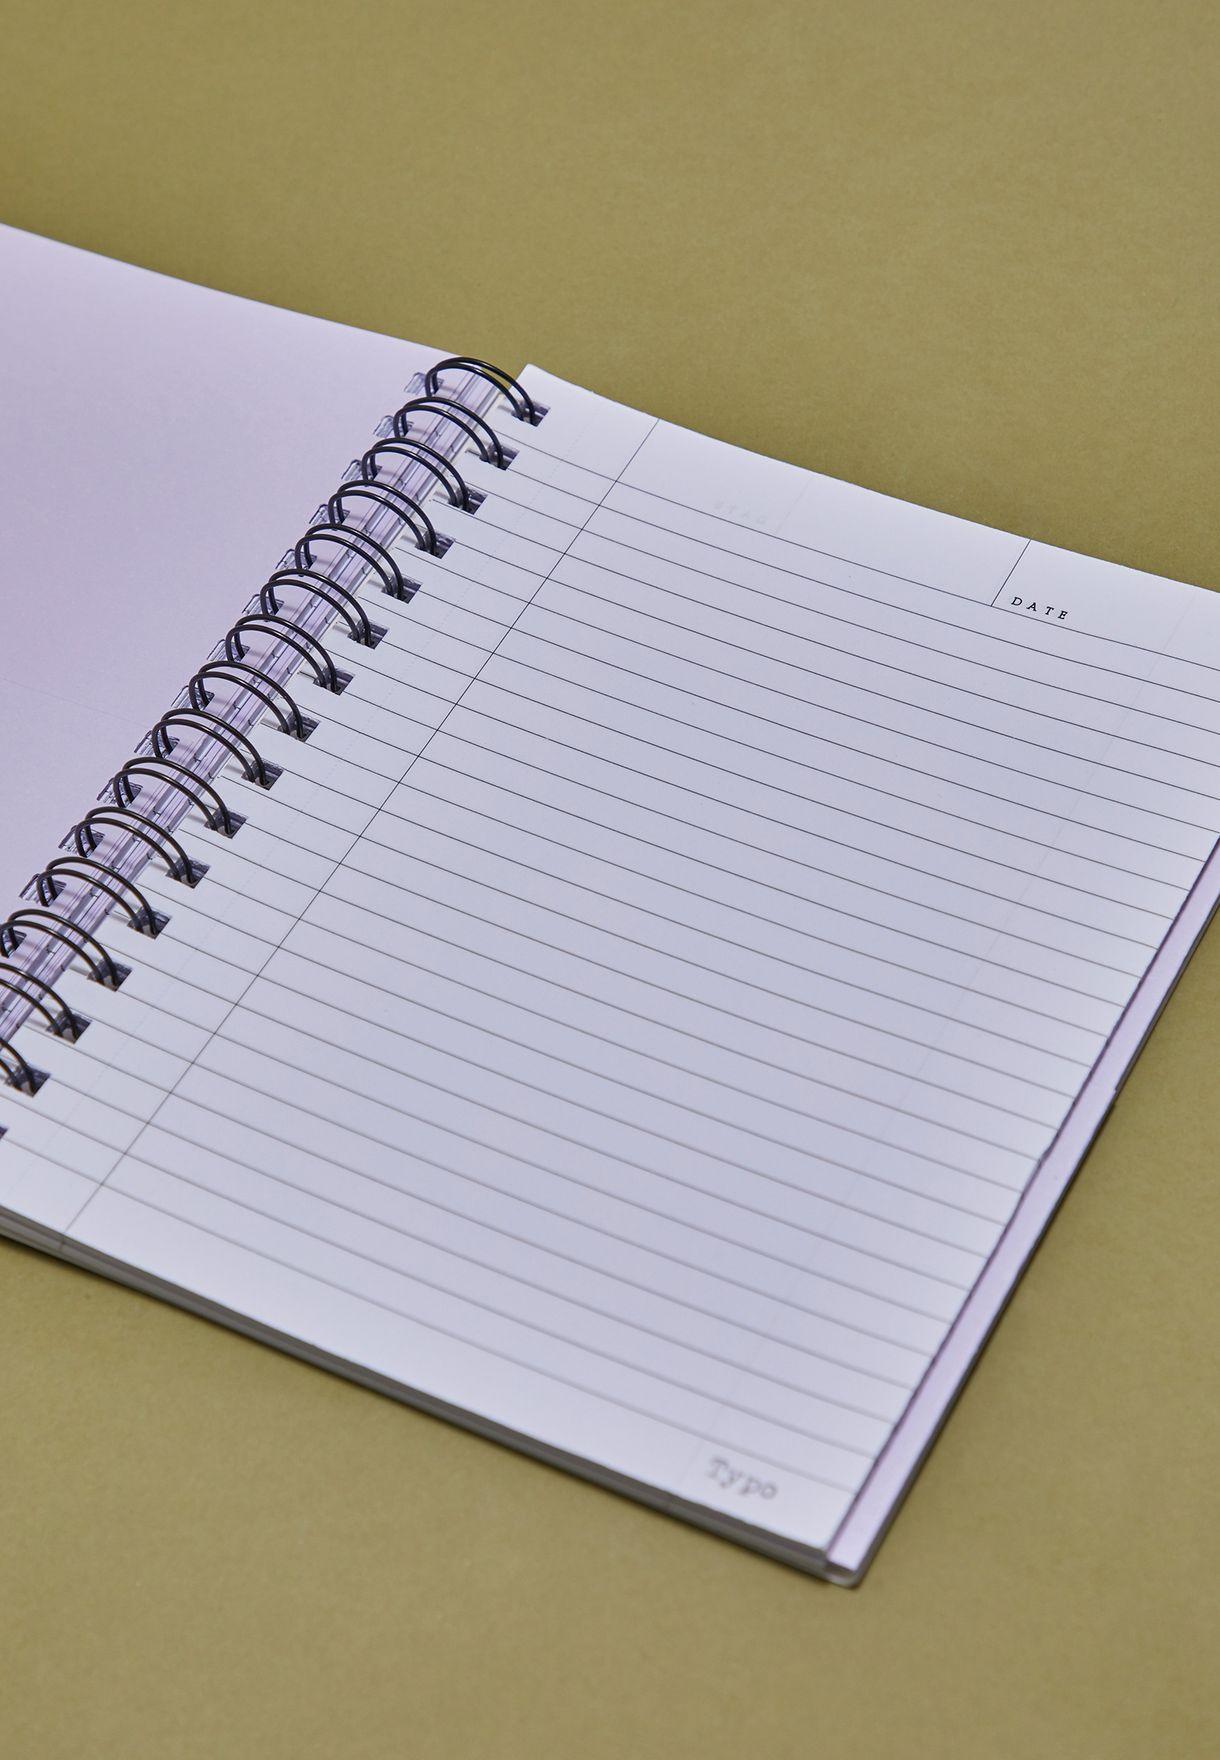 دفتر ملاحظات بطبعات ازهار